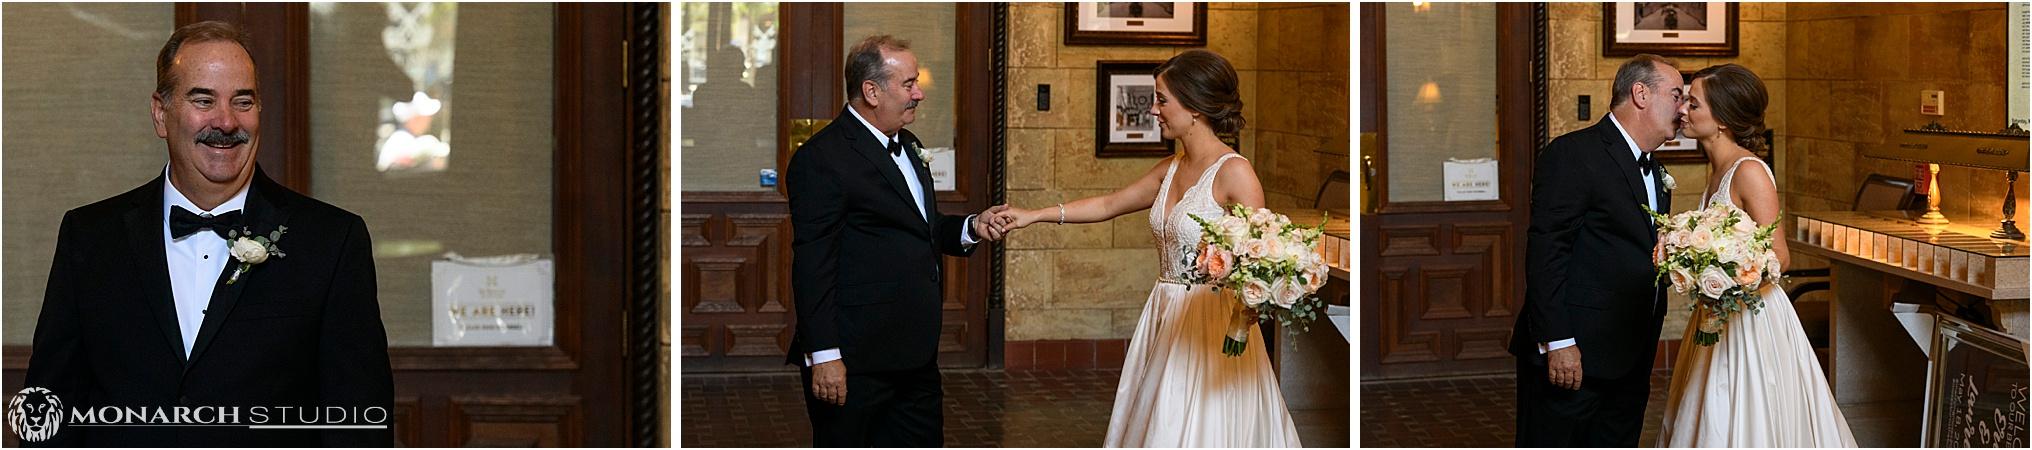 Wedding-PHotographer-in-st-augustine-2019-009.jpg